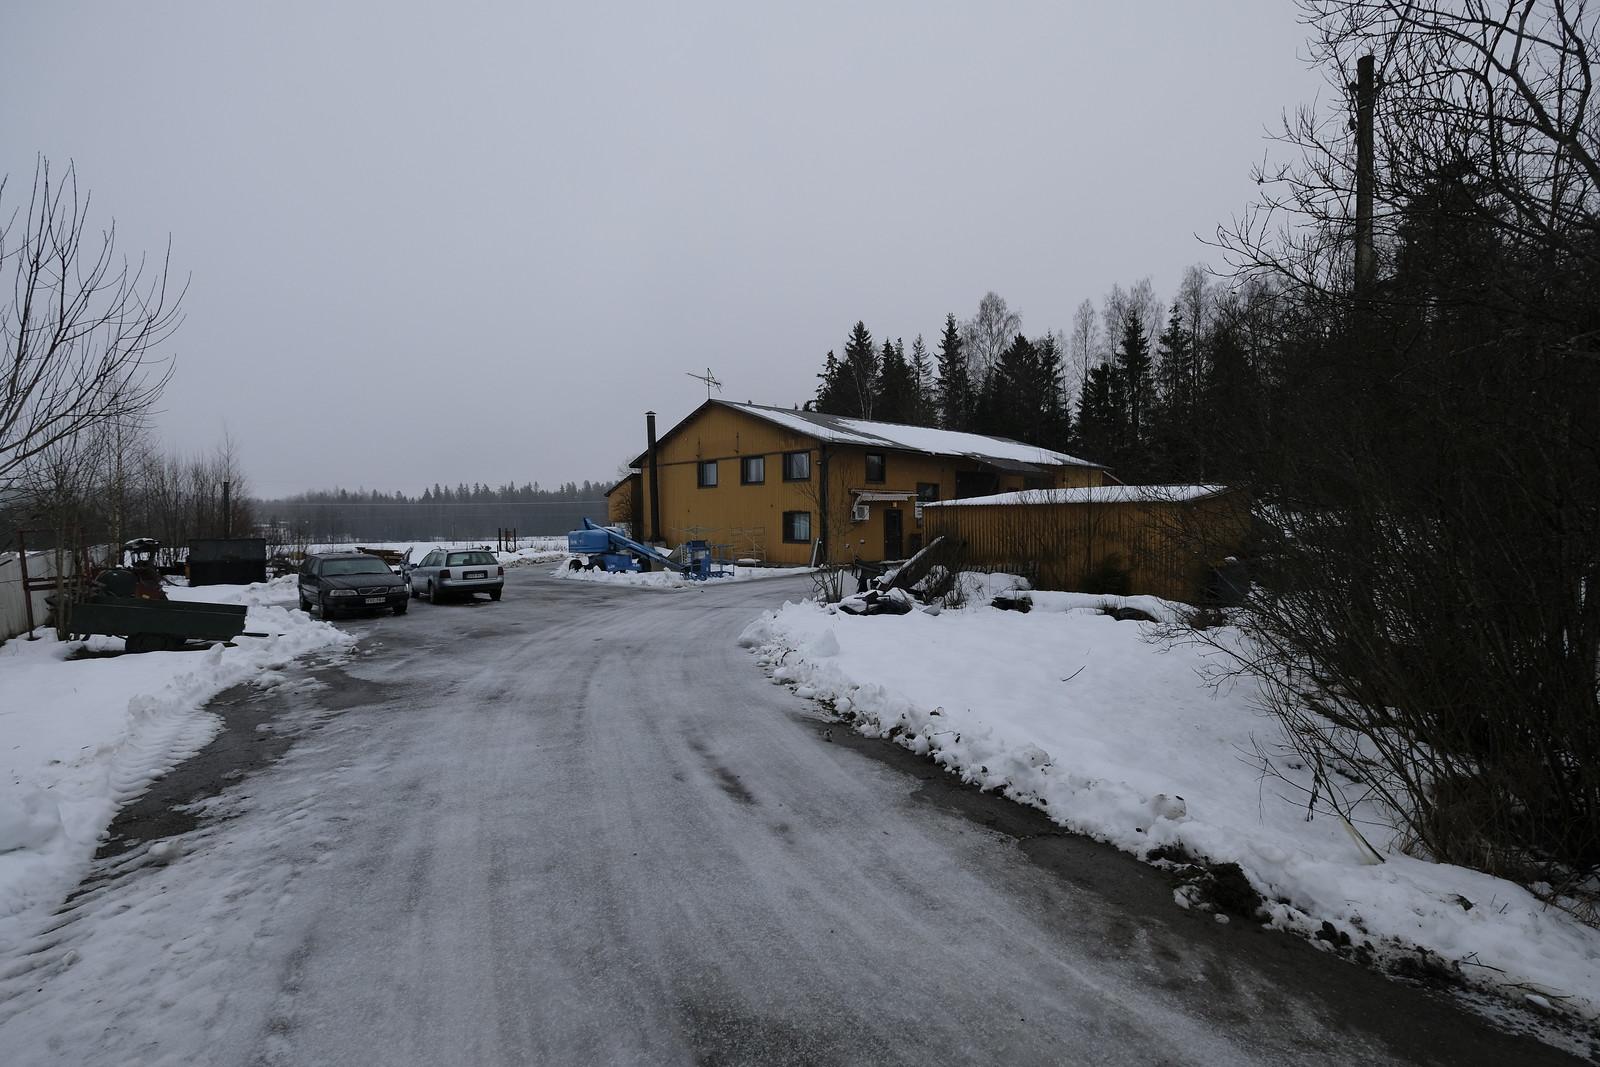 Vääräkoskentie 103, Vääräkoski, Myllylä, Keskusta, Orimattila